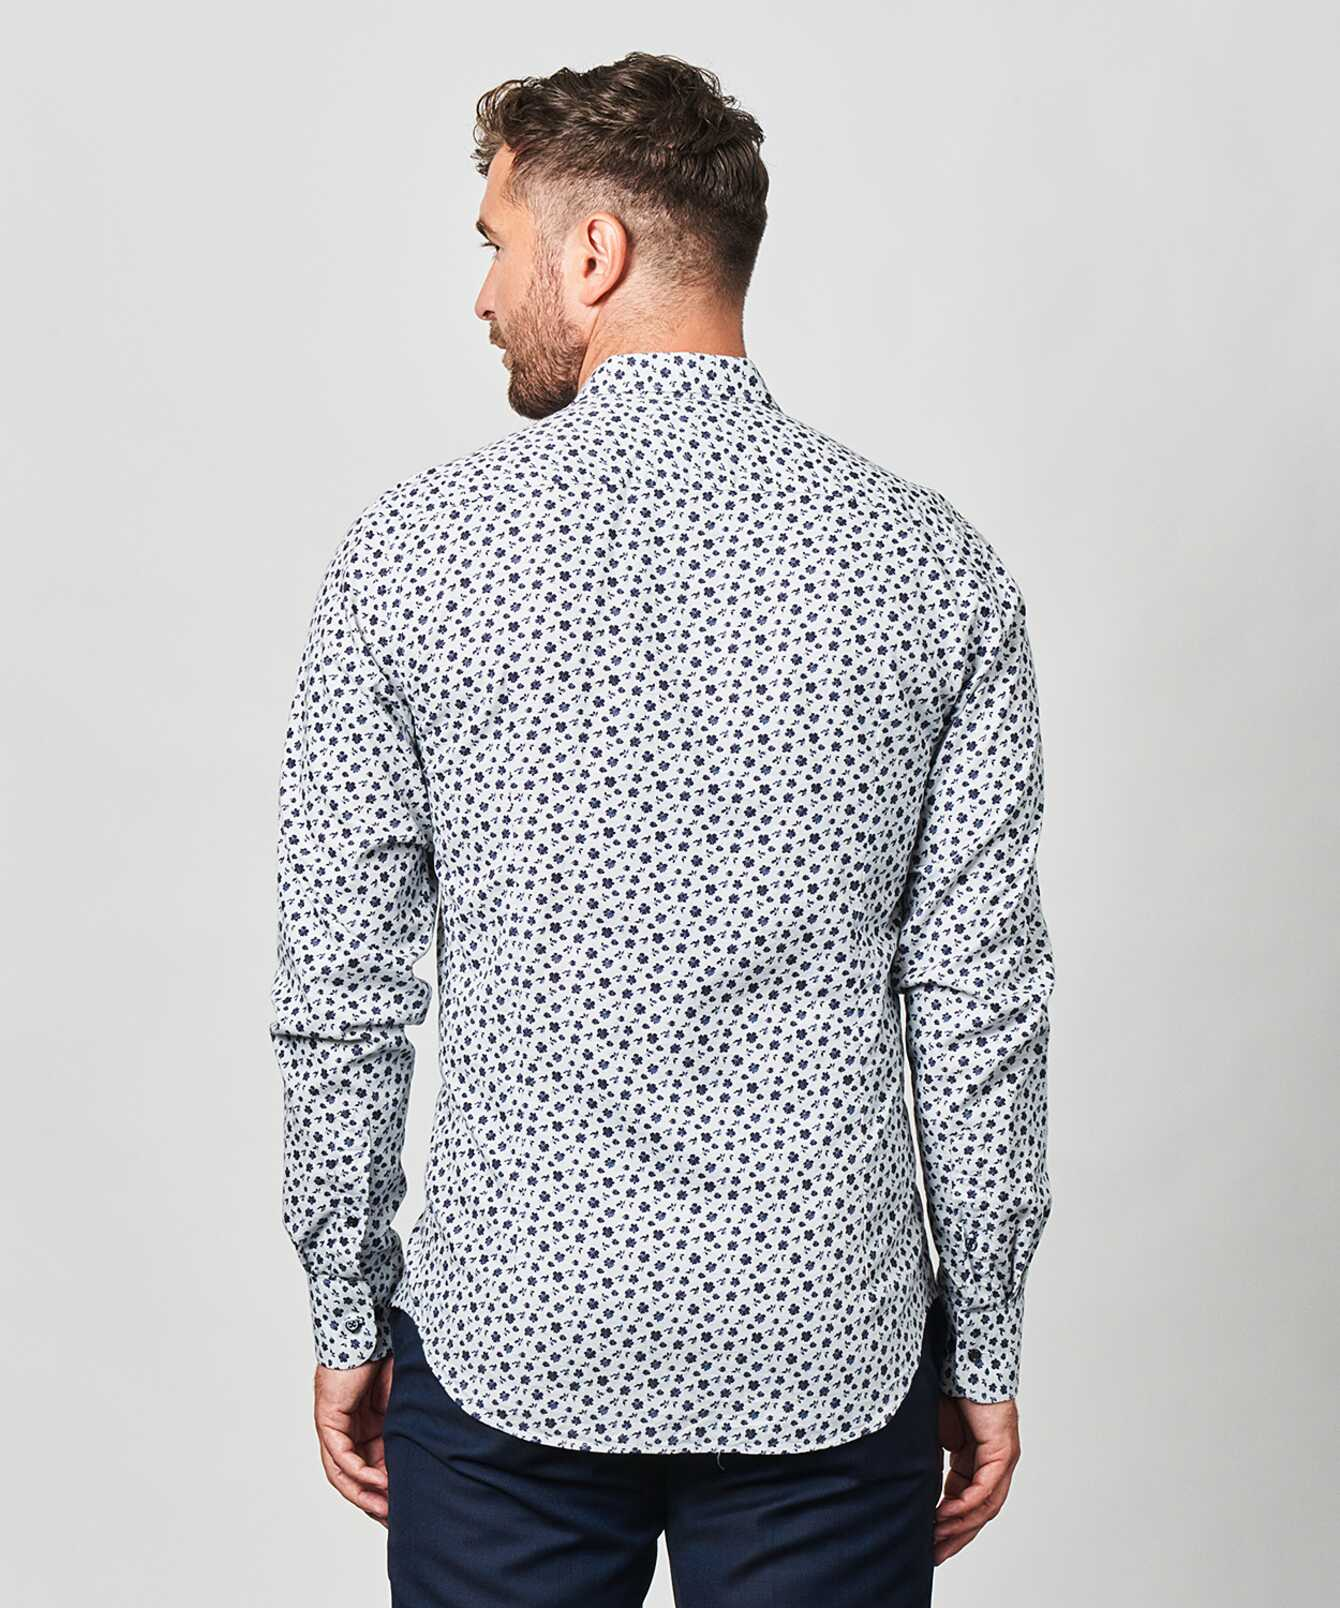 Skjorta Merida Blå The Shirt Factory